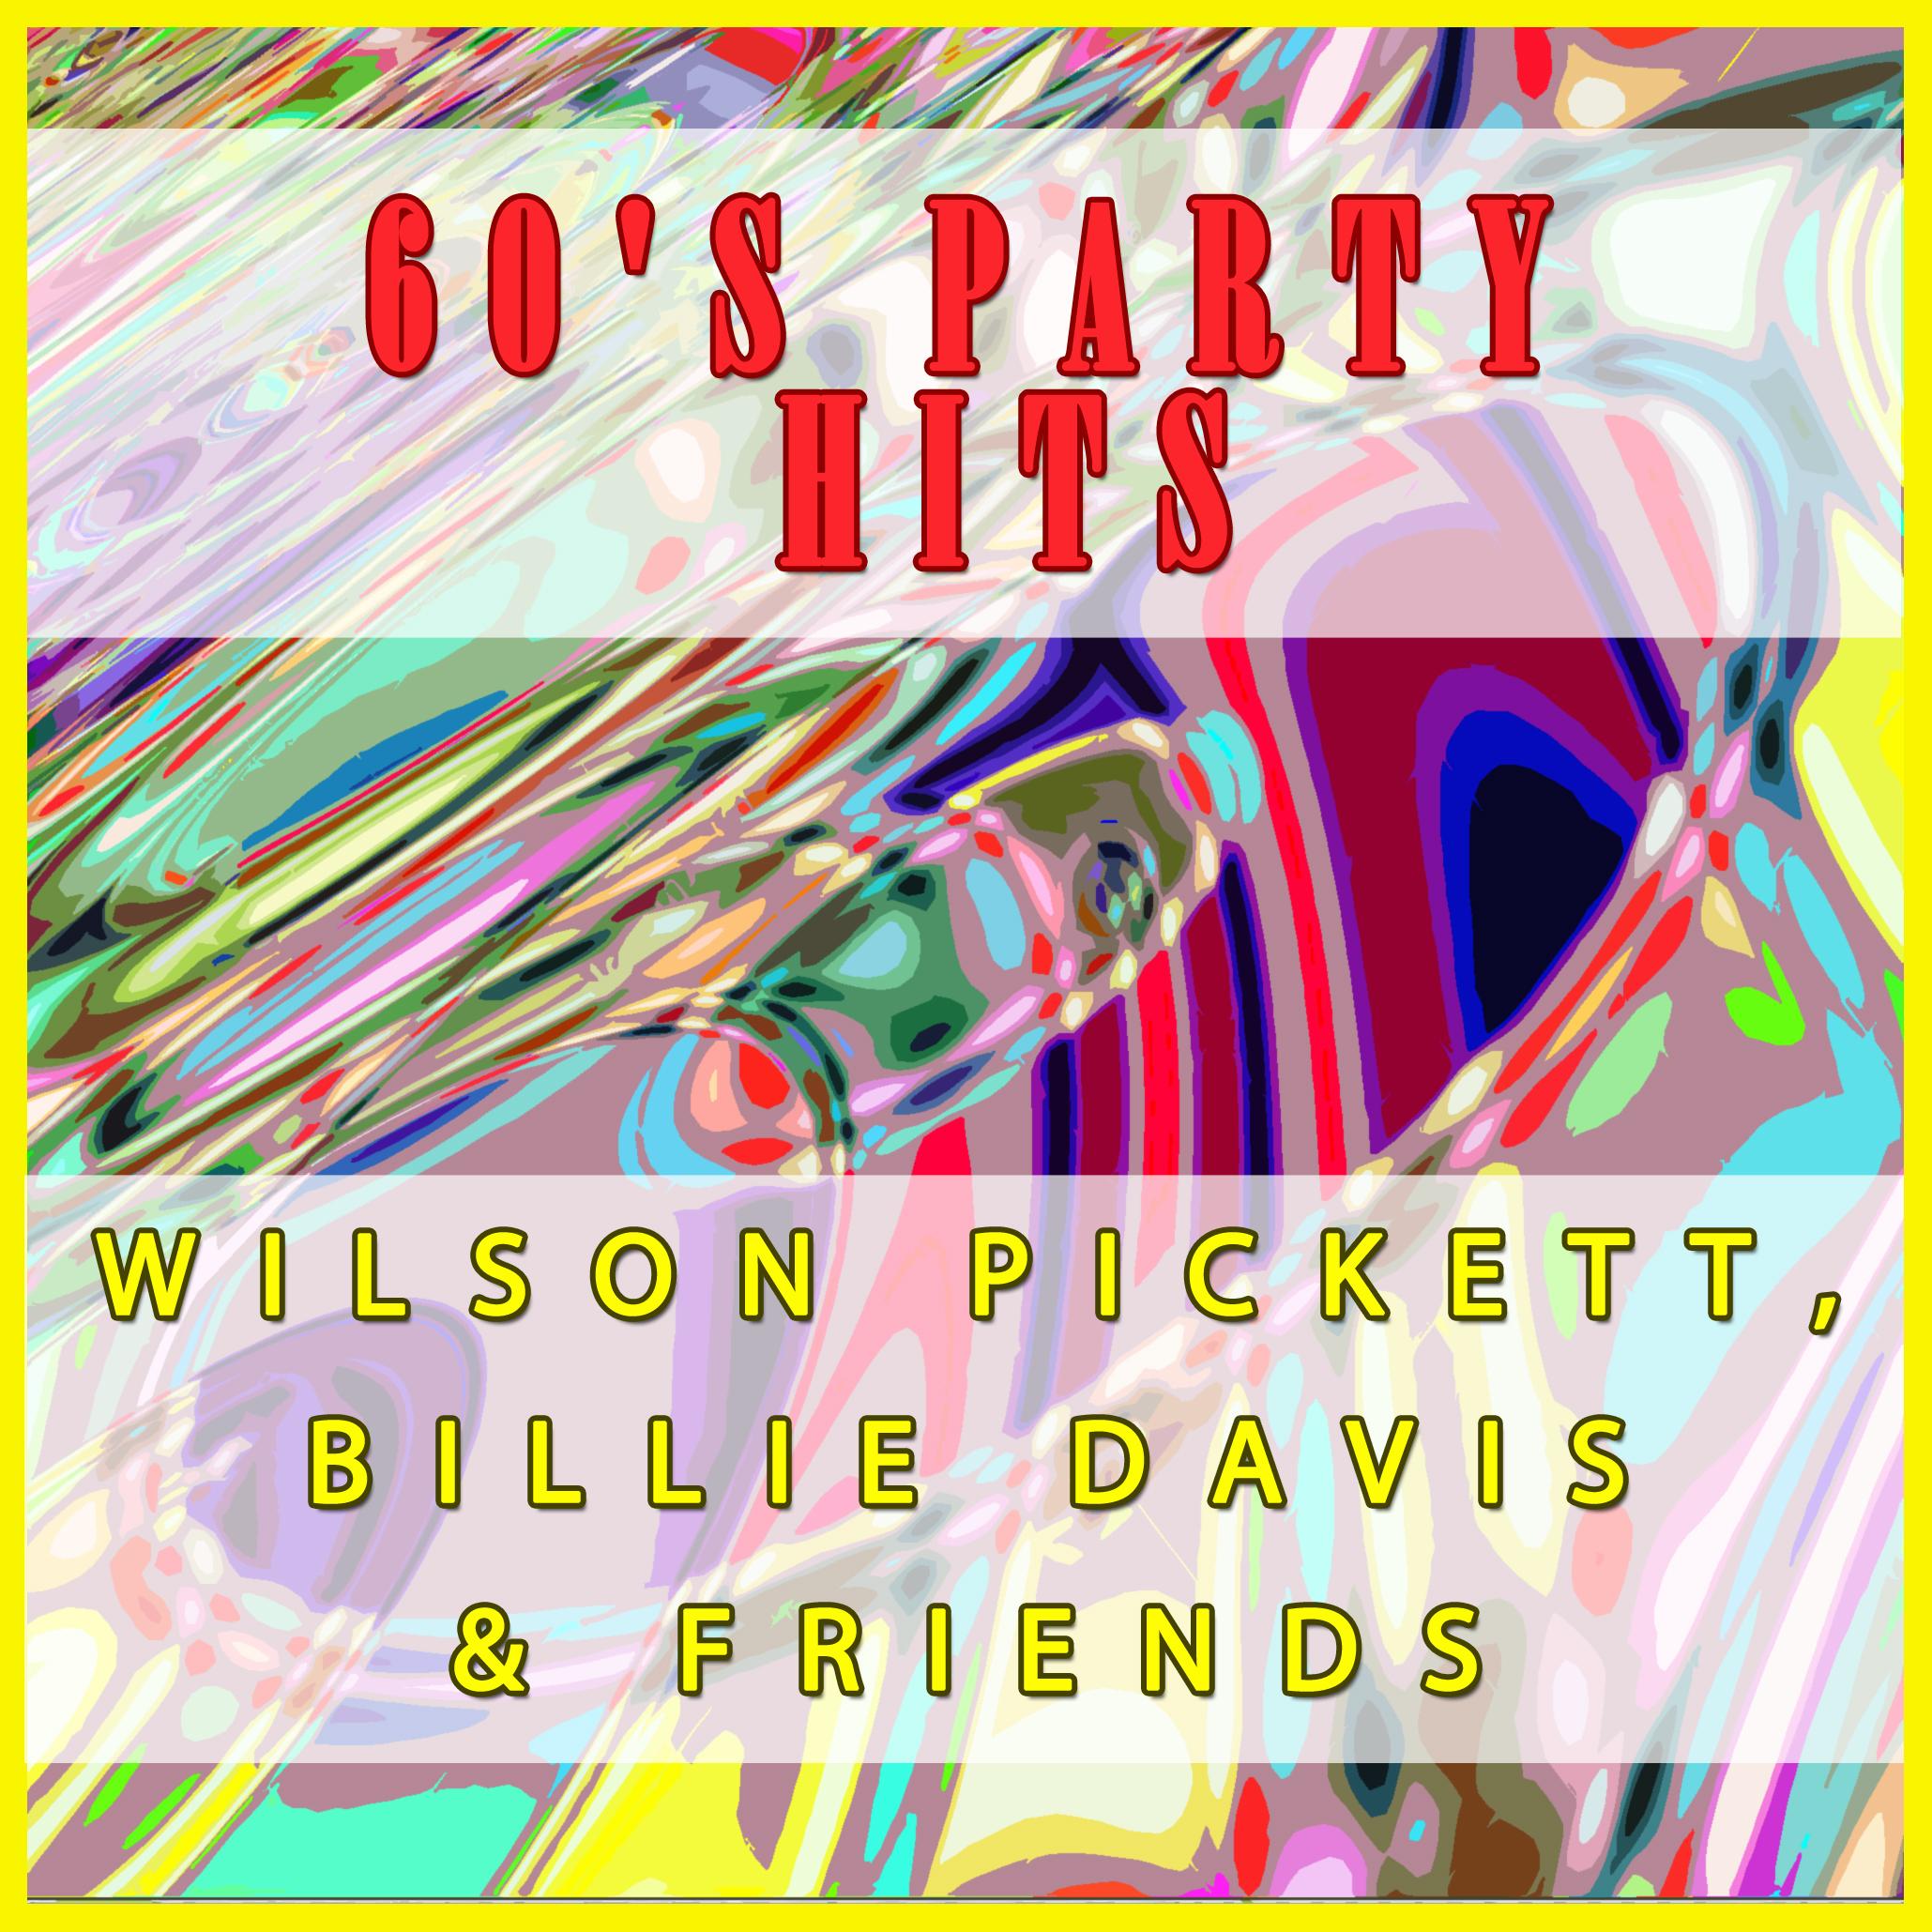 60's Party Hits -Wilson Pickett, Billie Davis & Friends